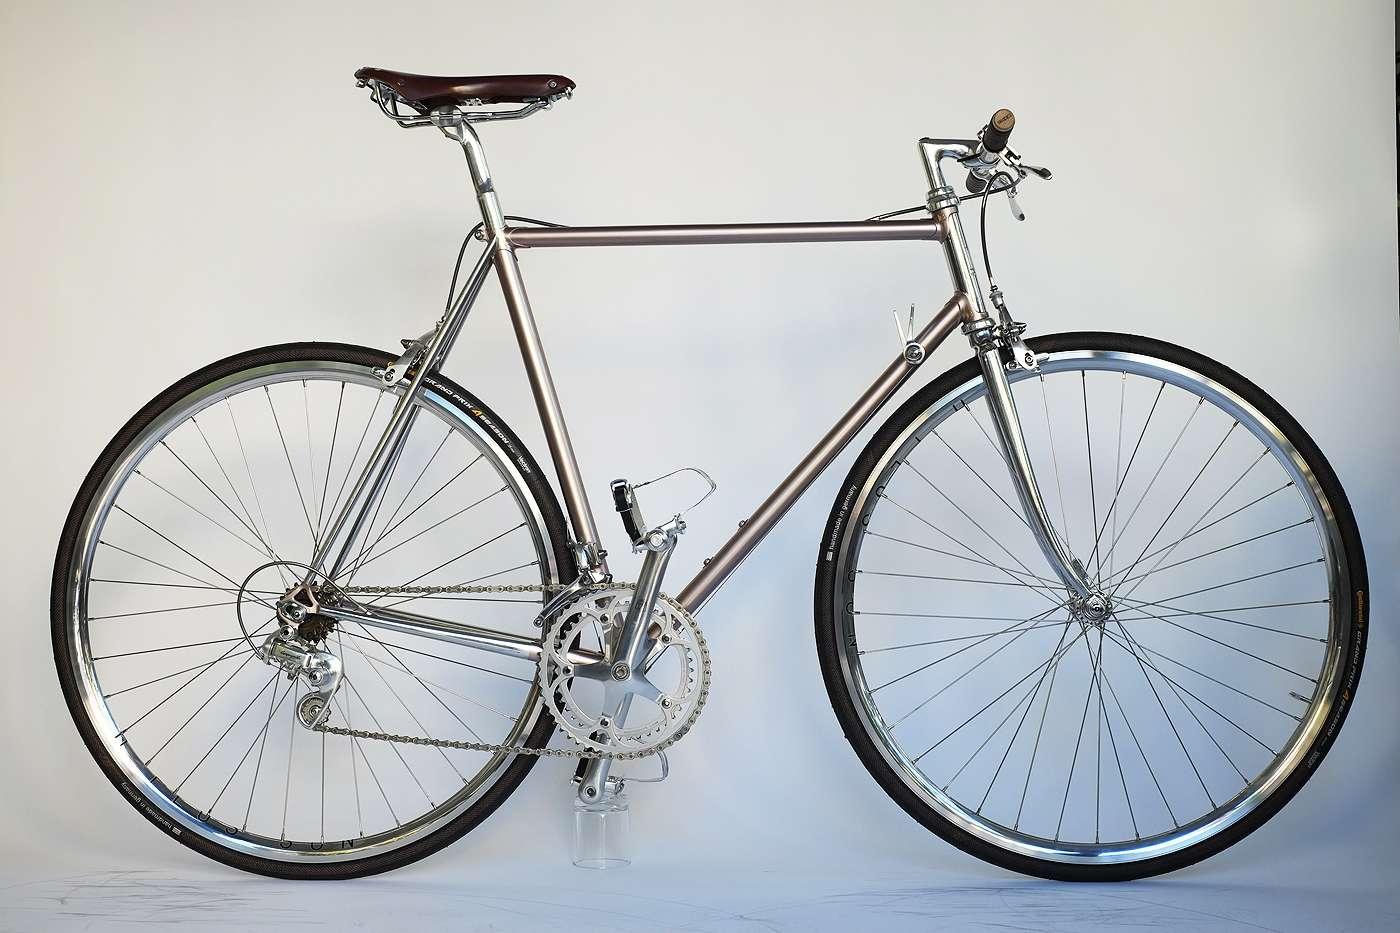 Billato_Rennrad_Classic_Road_Bike_01